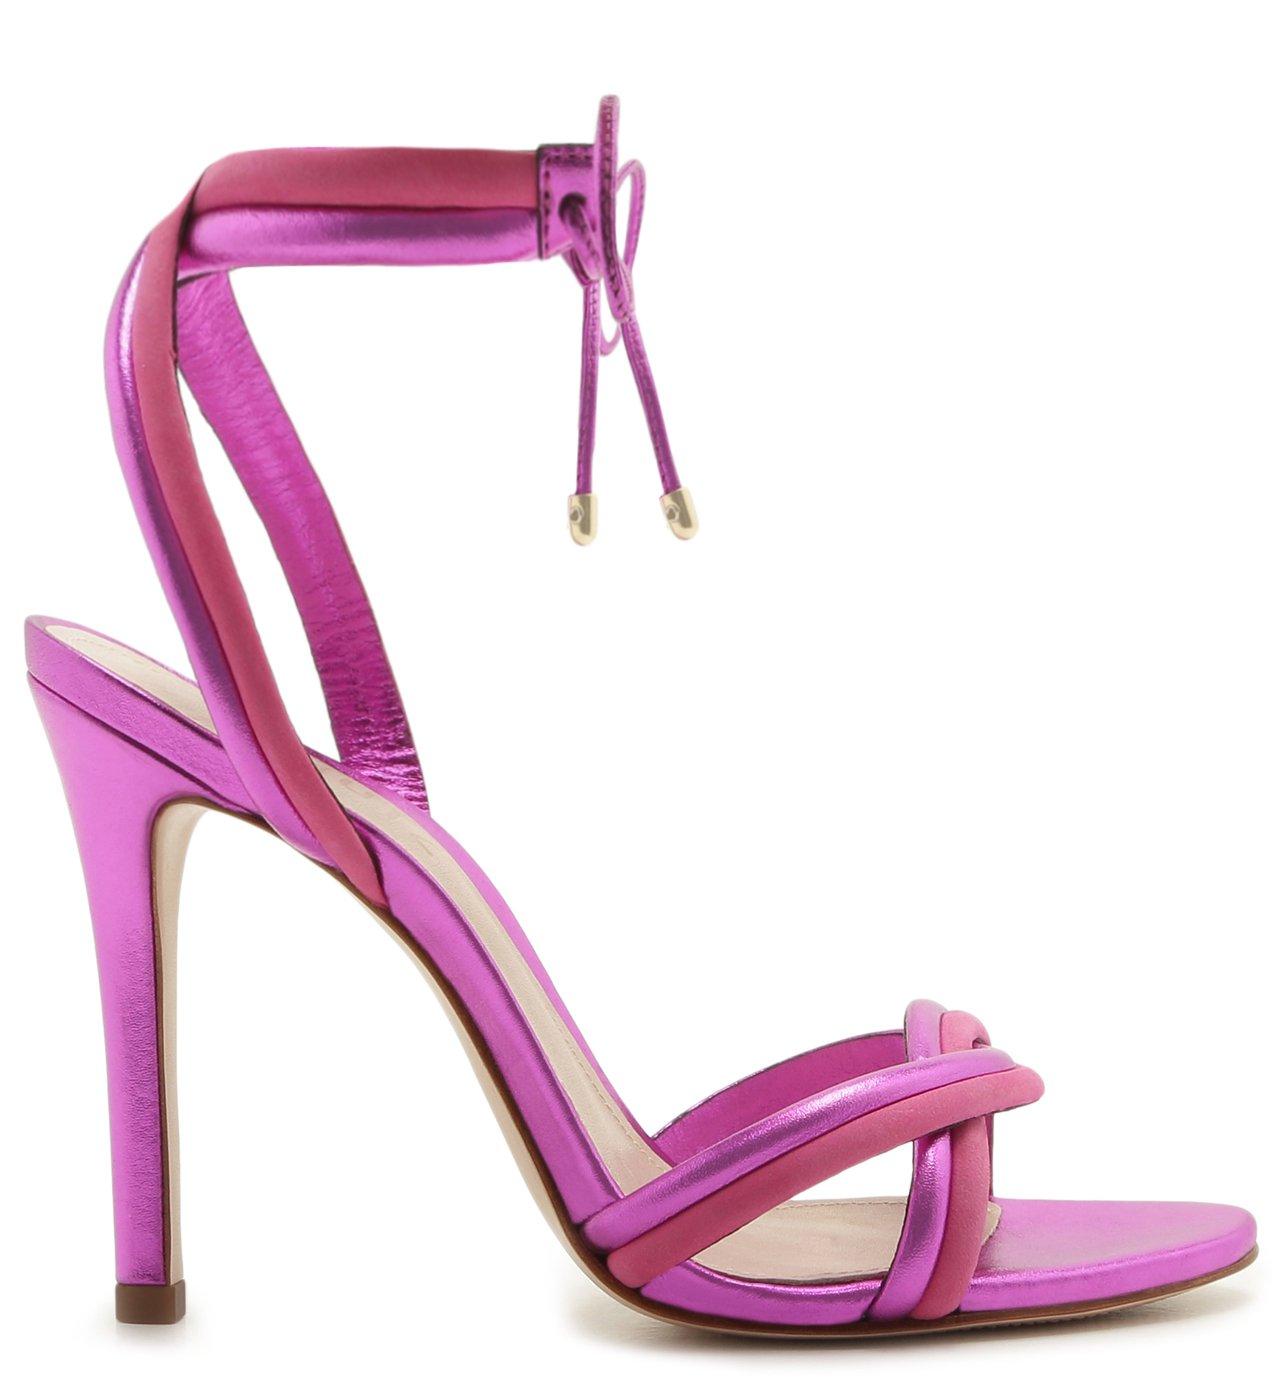 Sandália Delicate Metallic Pink | Schutz